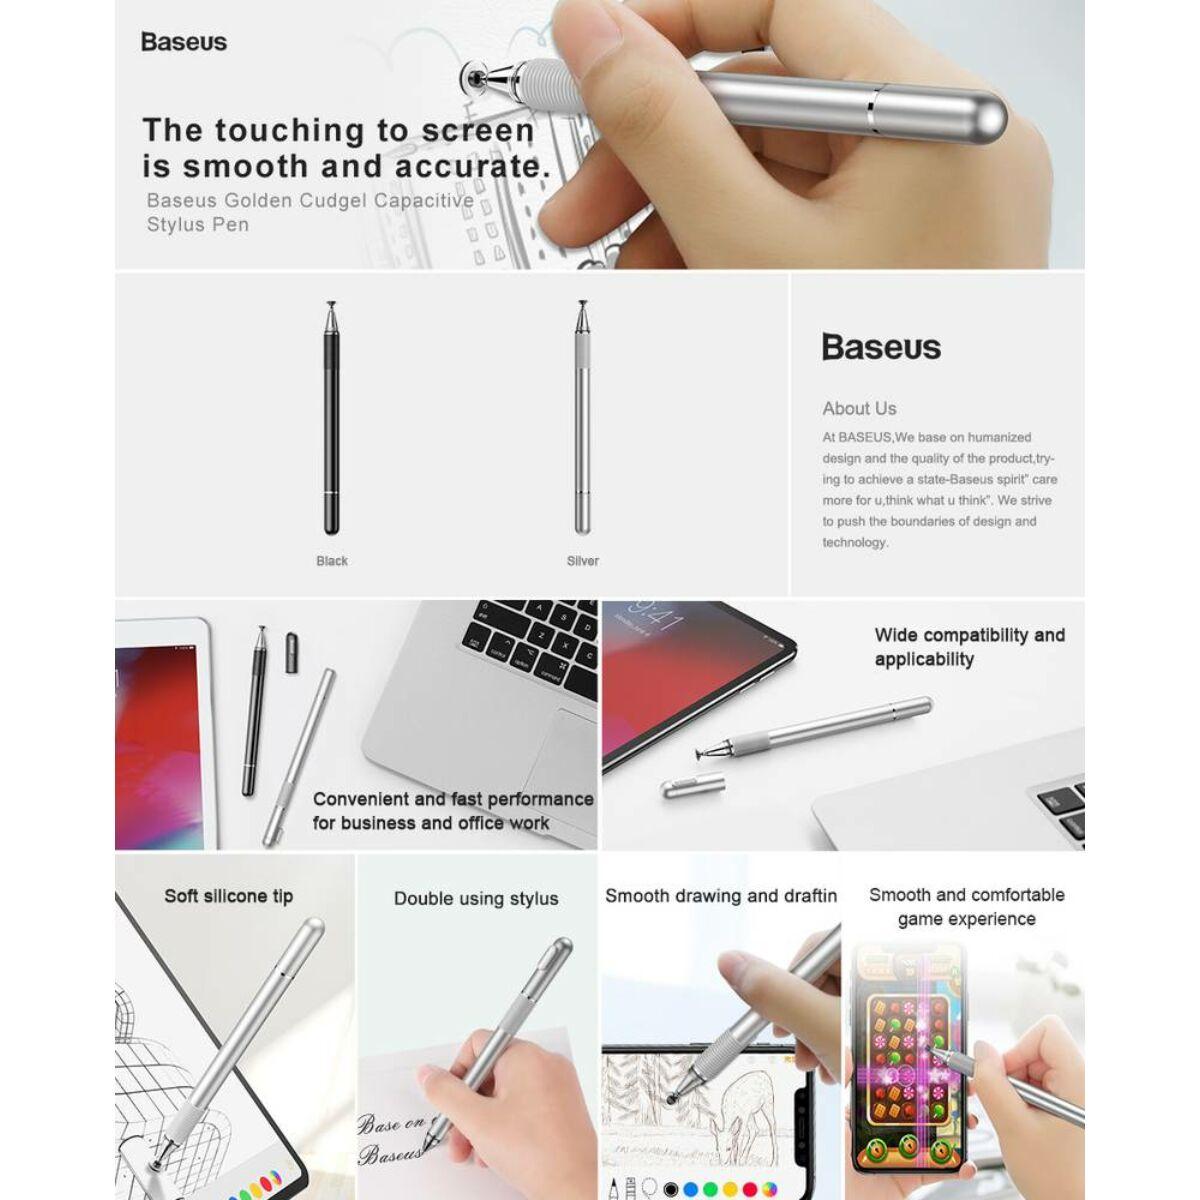 Baseus Tablet kiegészítő, toll Golden Cudgel Capacitive Stylus, ezüst (ACPCL-0S)